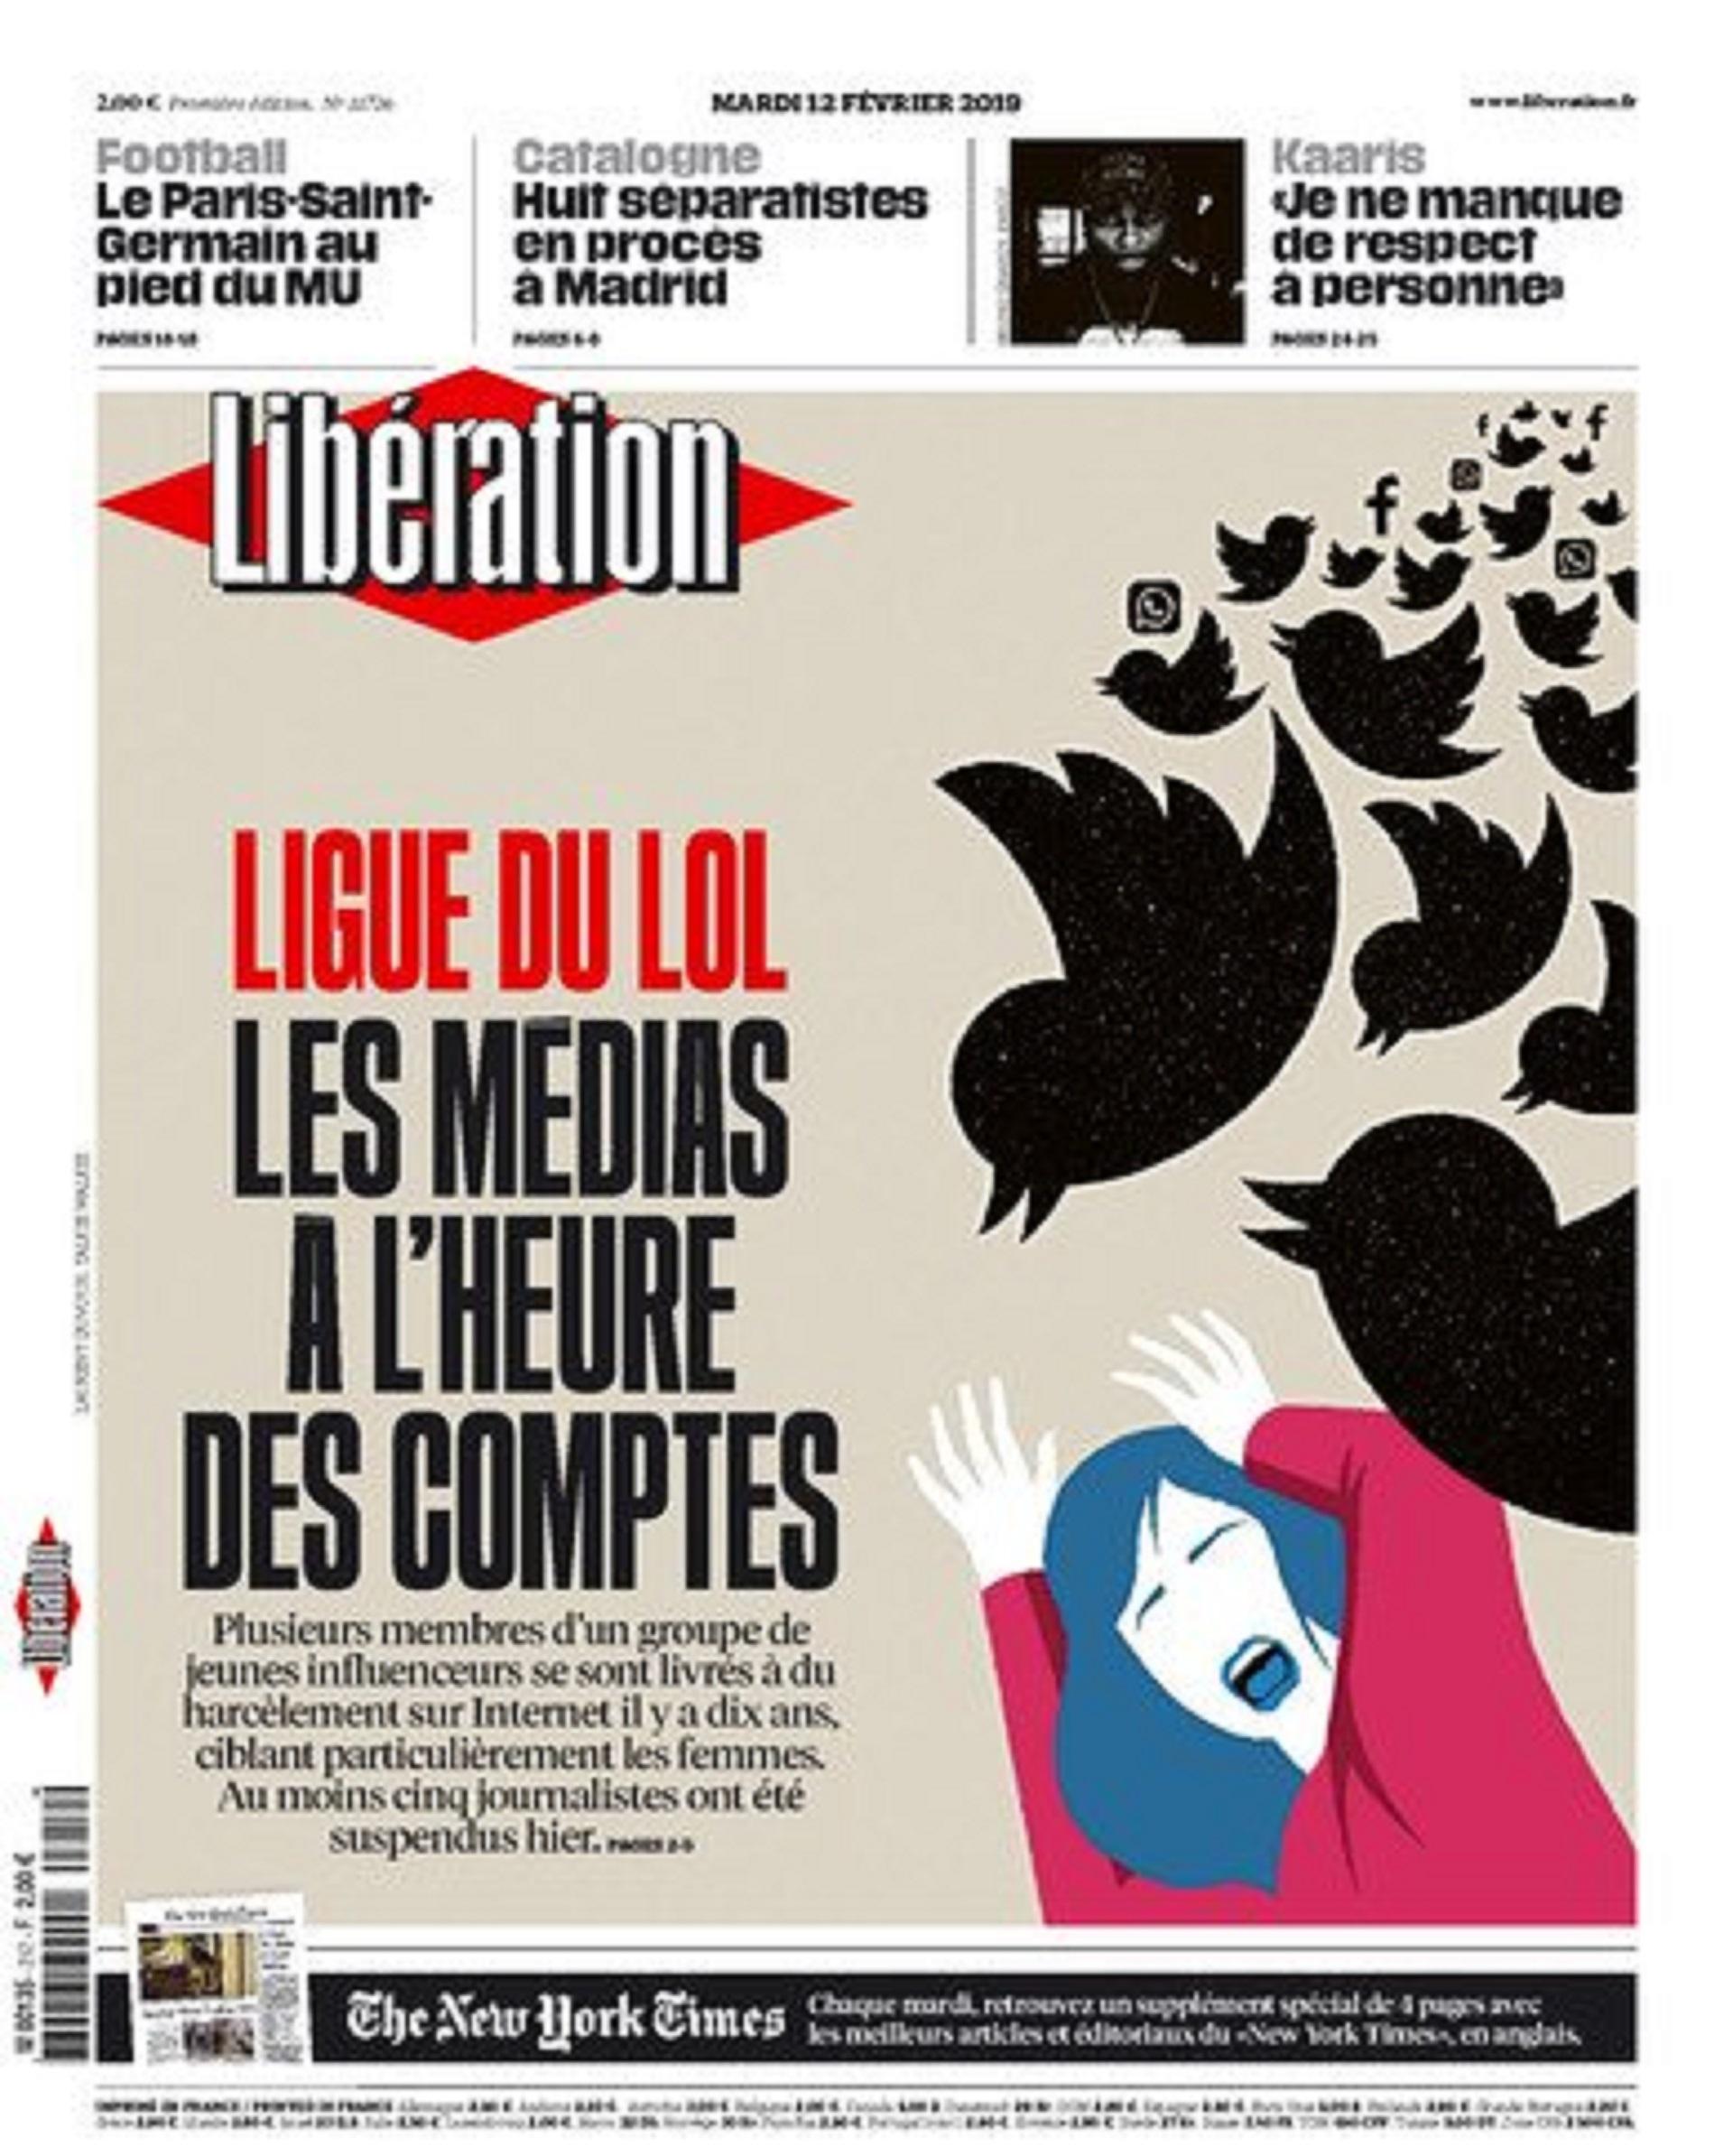 El periódico Libération despidió a dos de sus empleados y puso el tema en portada